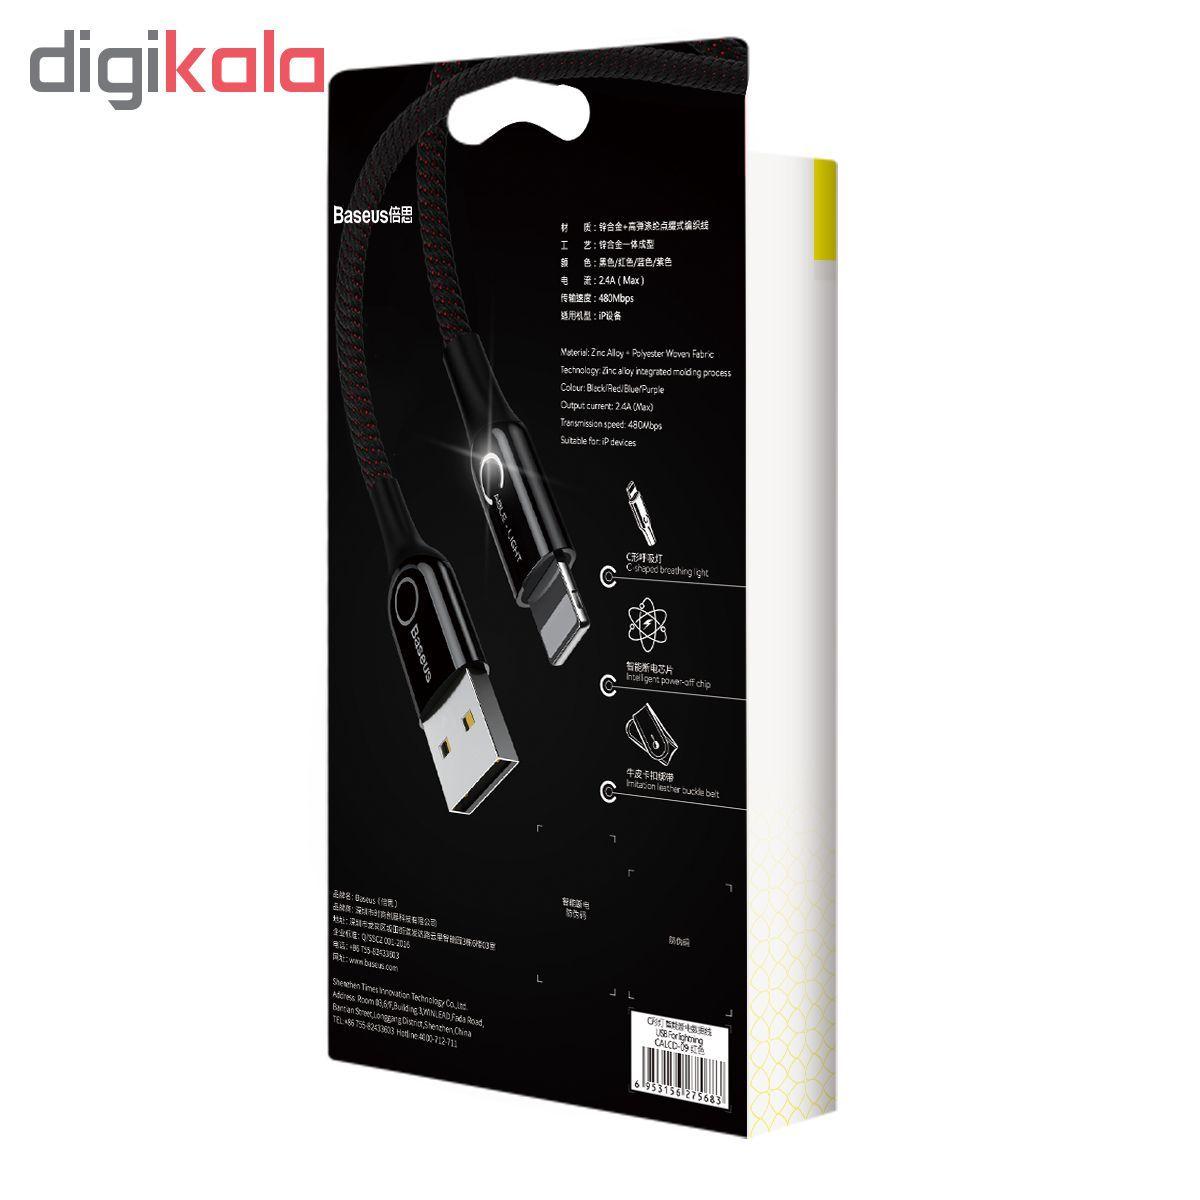 کابل تبدیل USB به لایتنینگ باسئوس مدل CALCD-01 طول 1 متر main 1 7